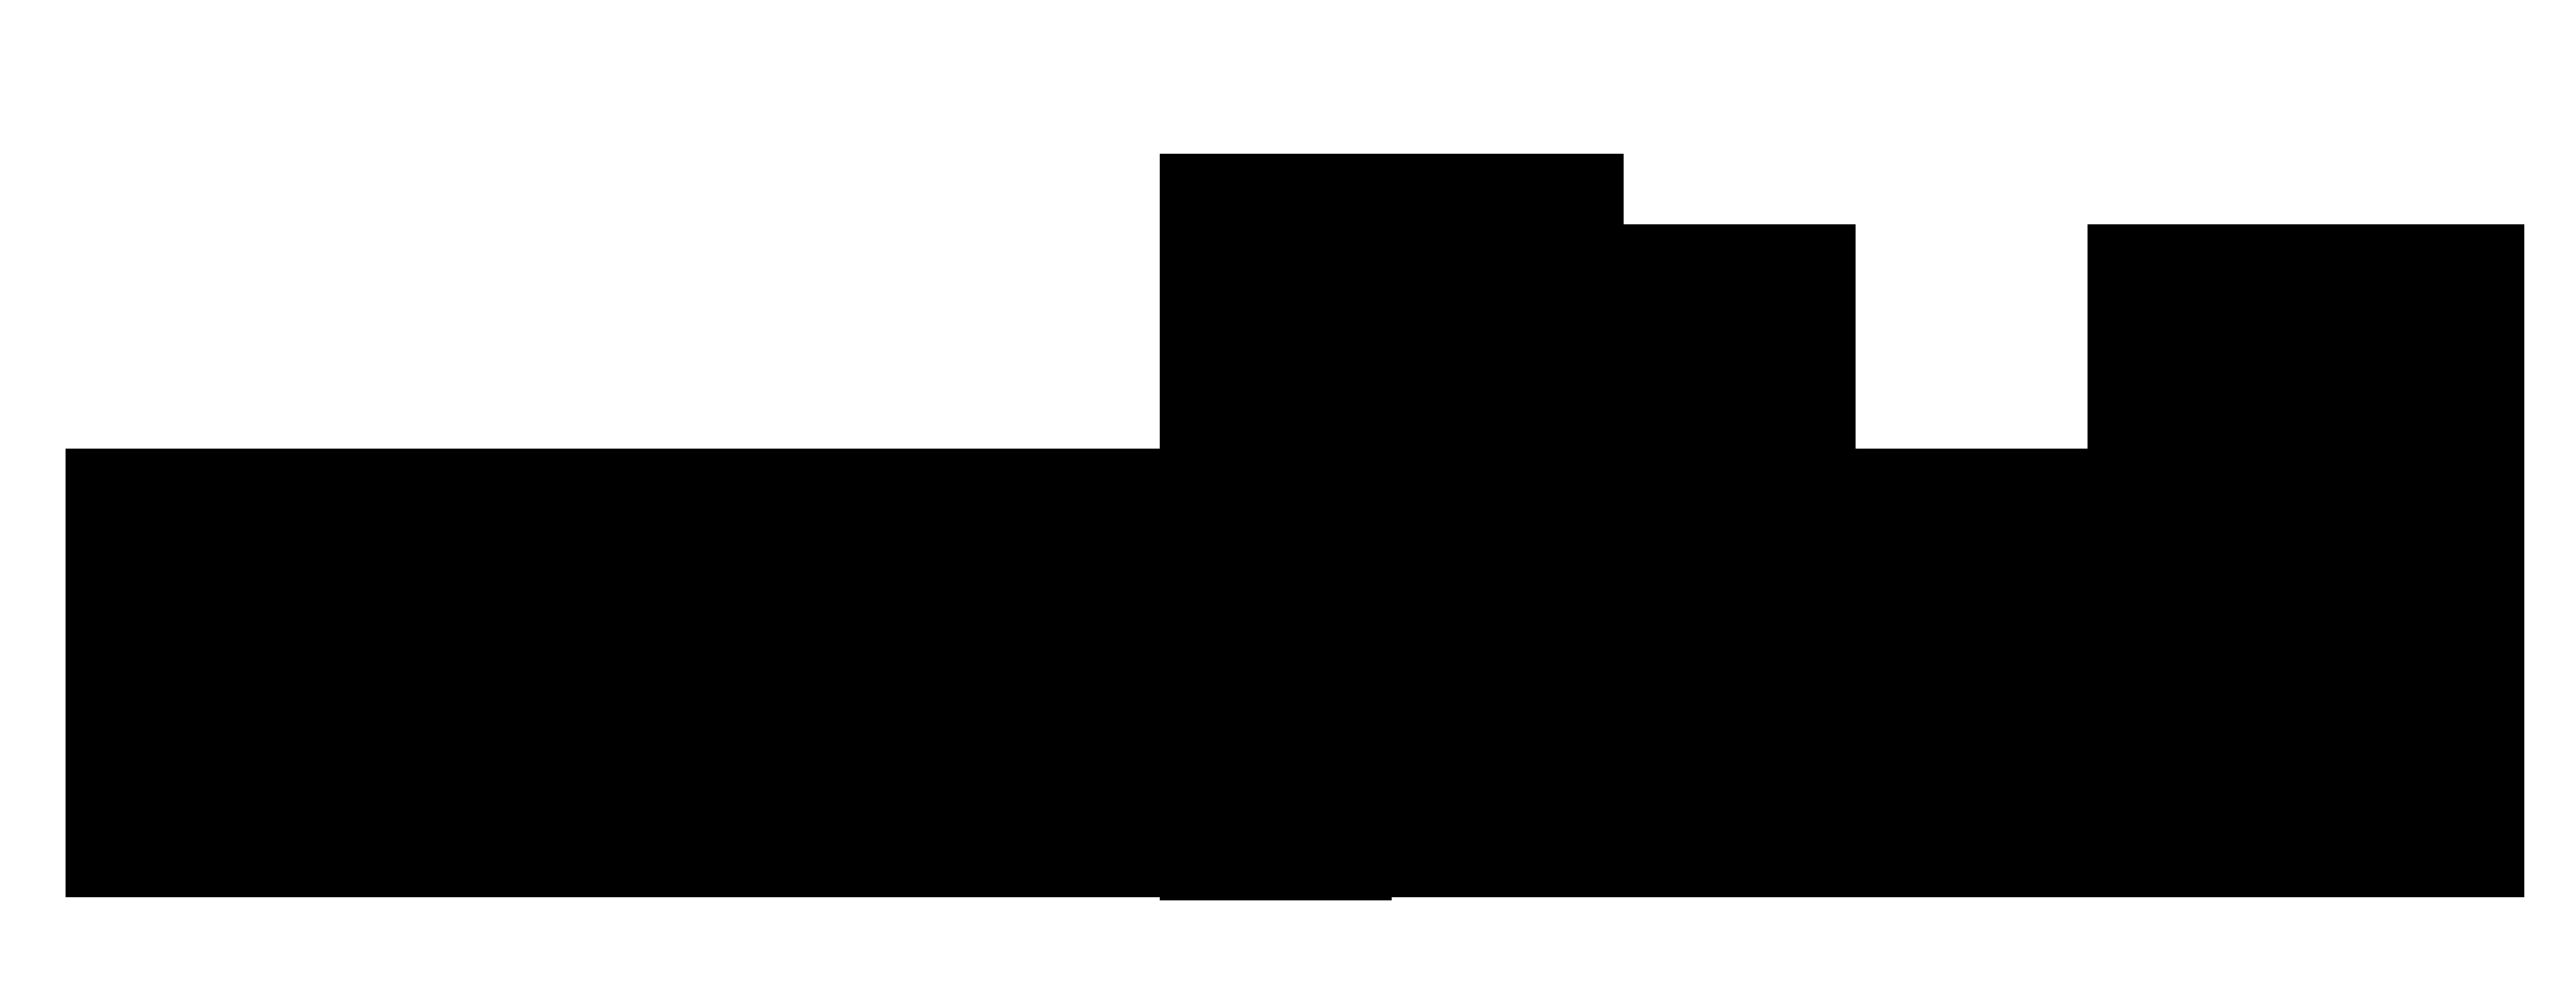 encabina